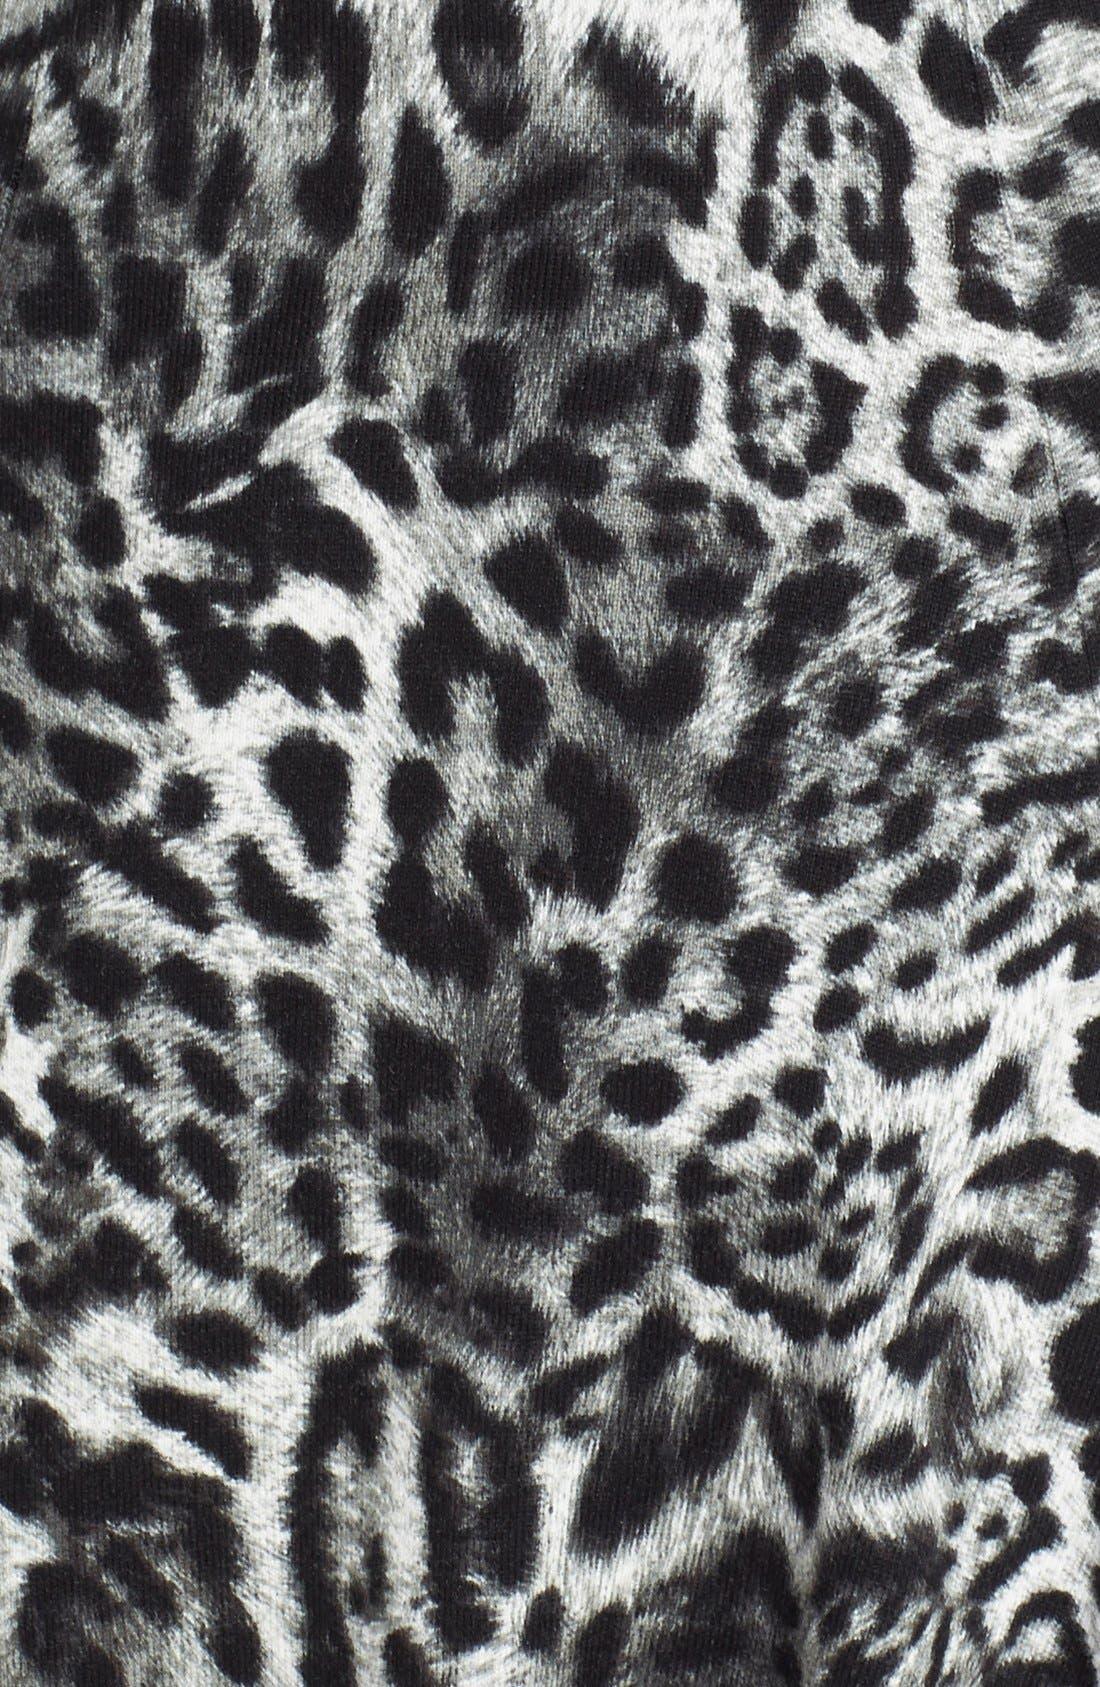 'Fremont' Leopard Print Fit & Flare Dress,                             Alternate thumbnail 2, color,                             001